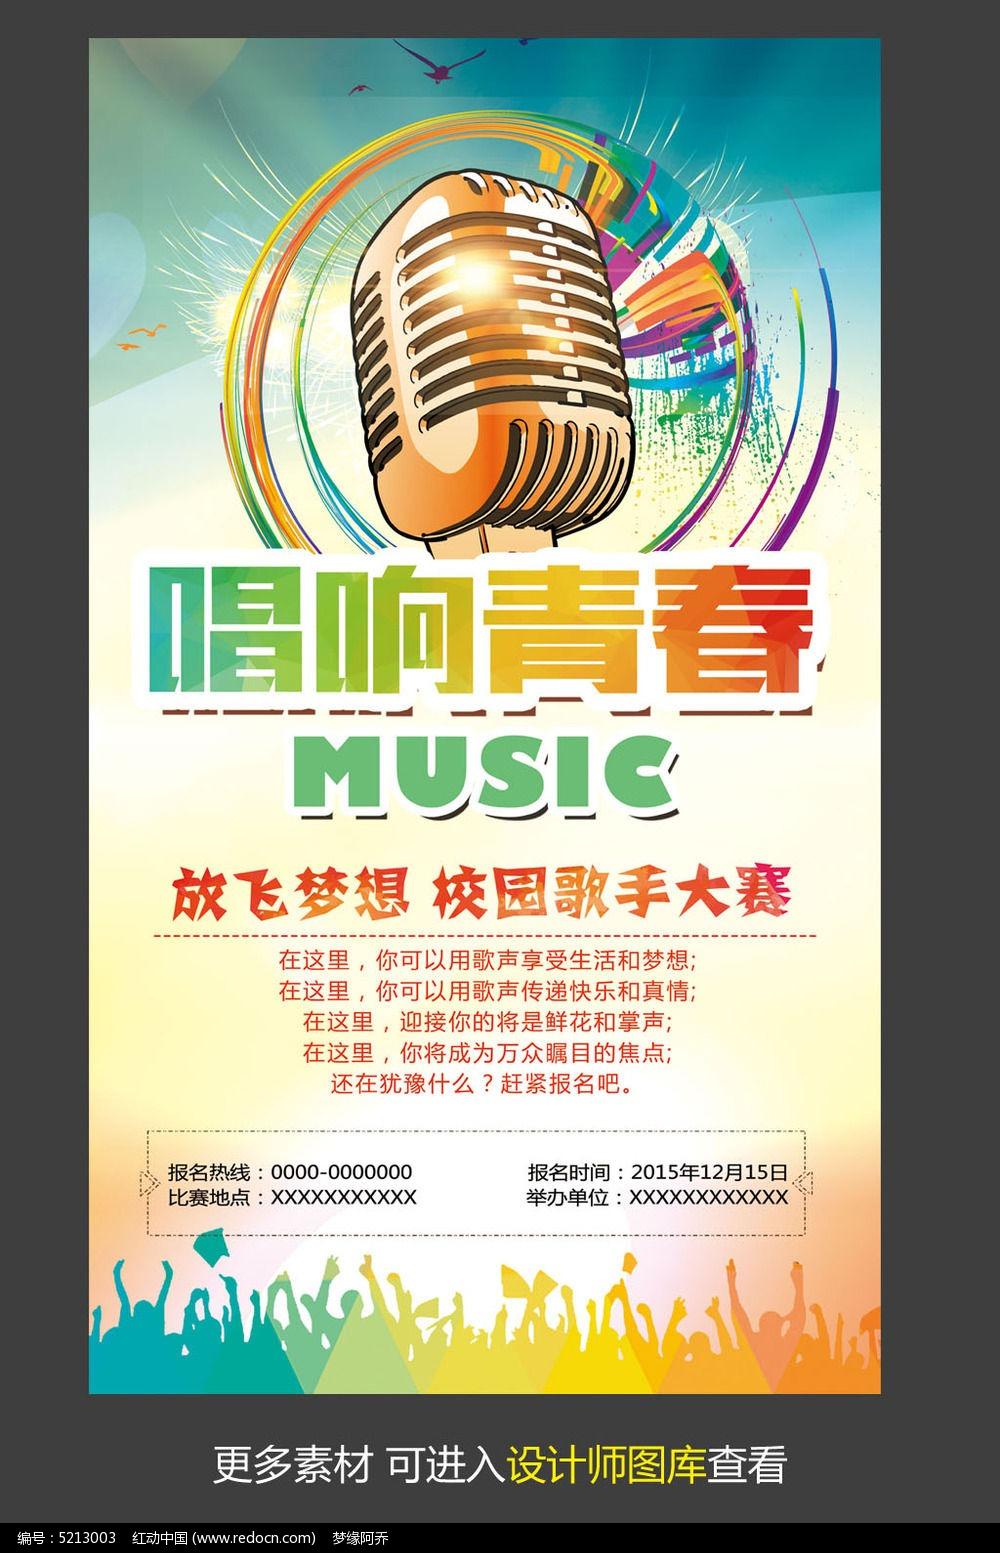 歌唱比赛宣传手绘海报